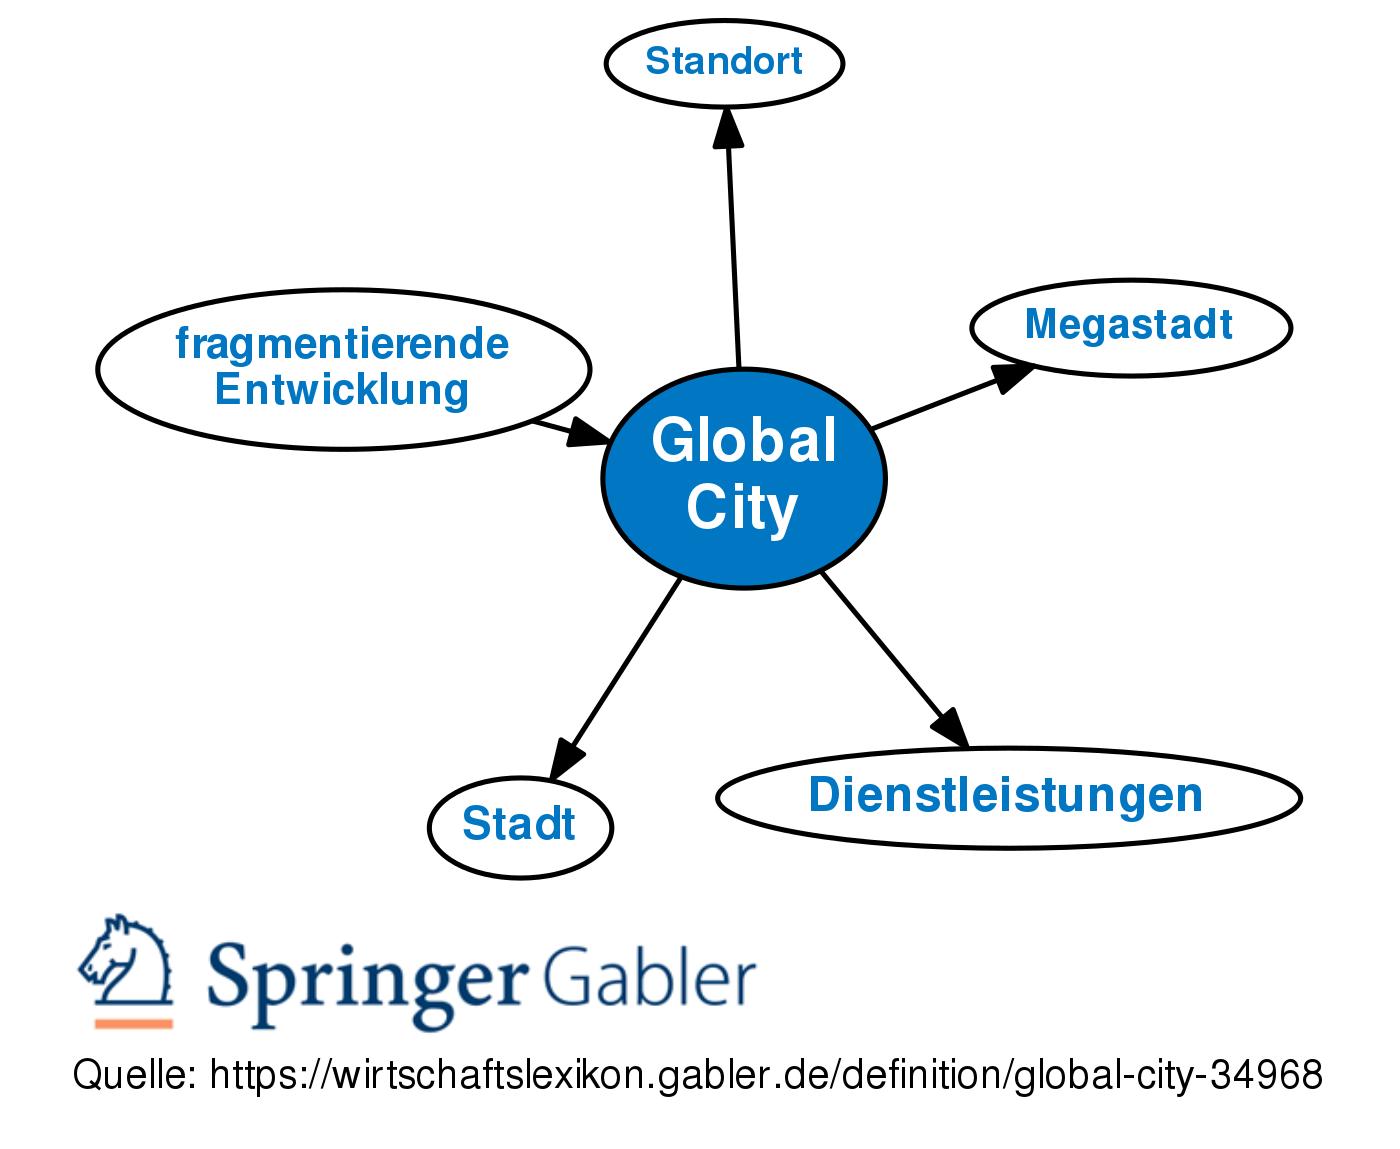 Global Cities 2017 - A.T. Kearney